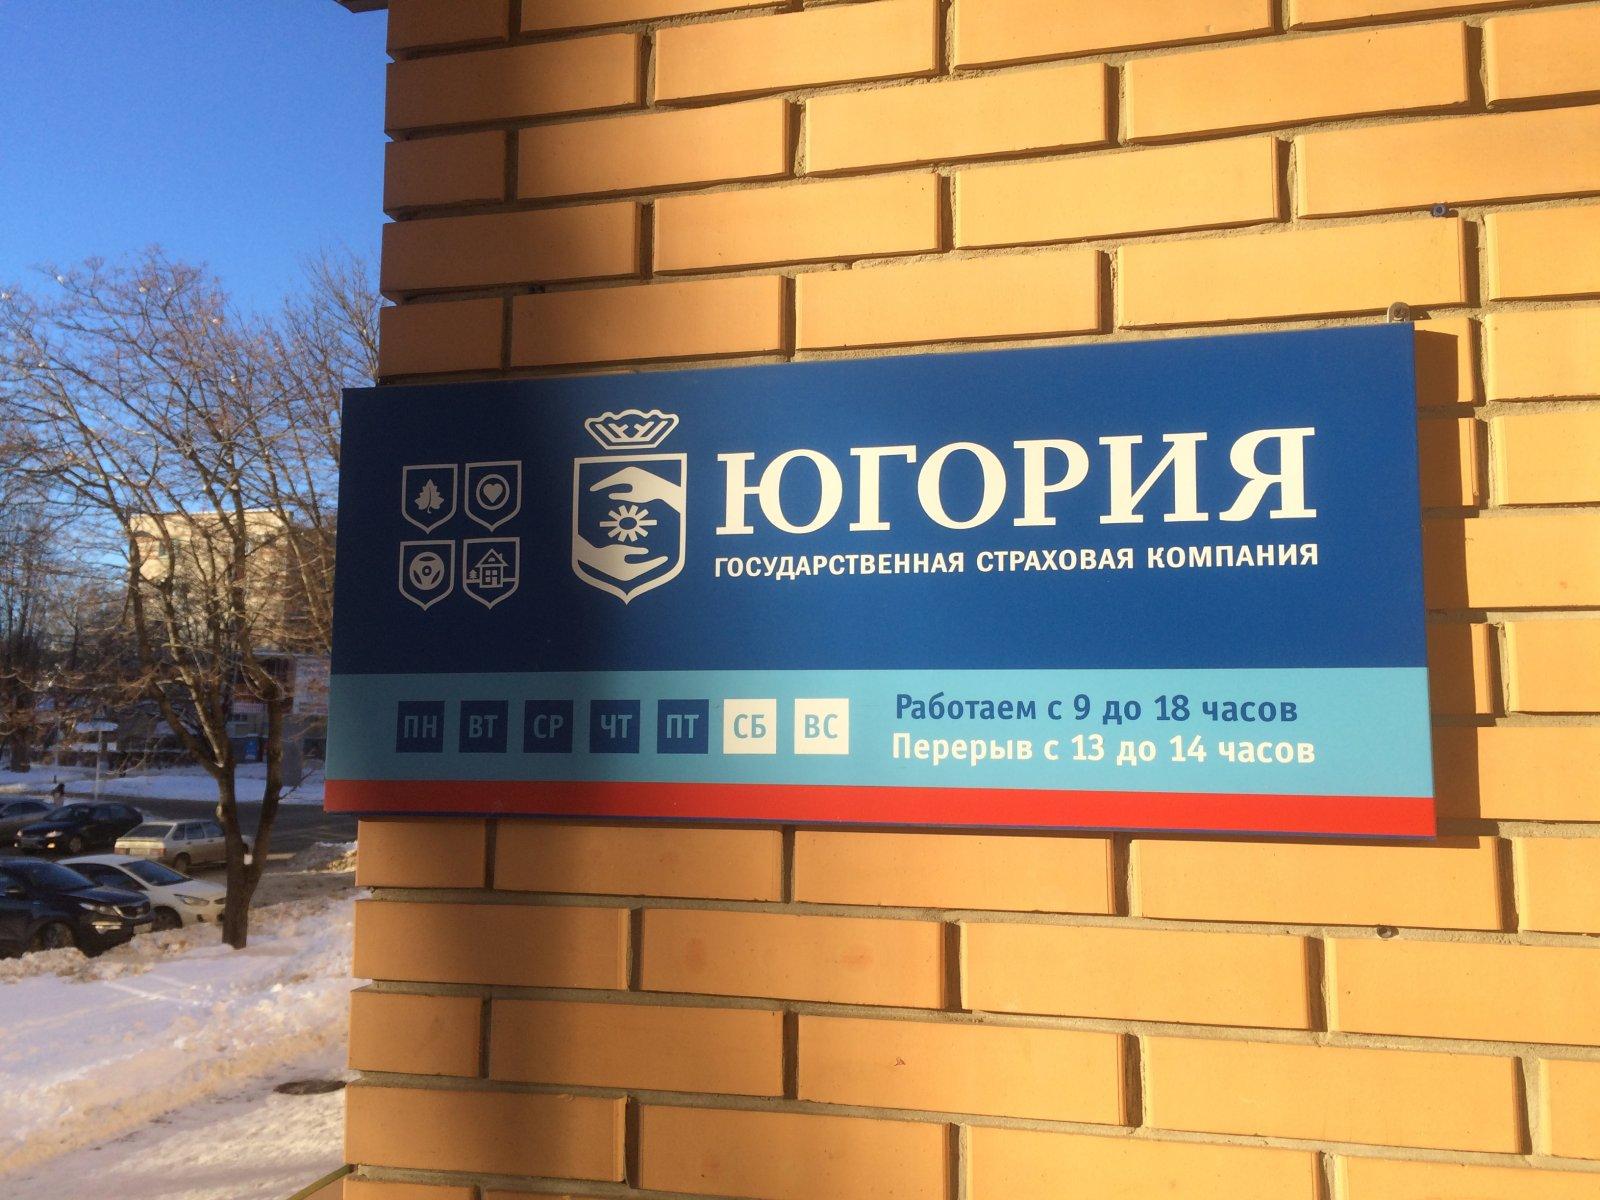 Покупкой страховой компании «Югория» заинтересовались структуры банкира Романа Авдеева